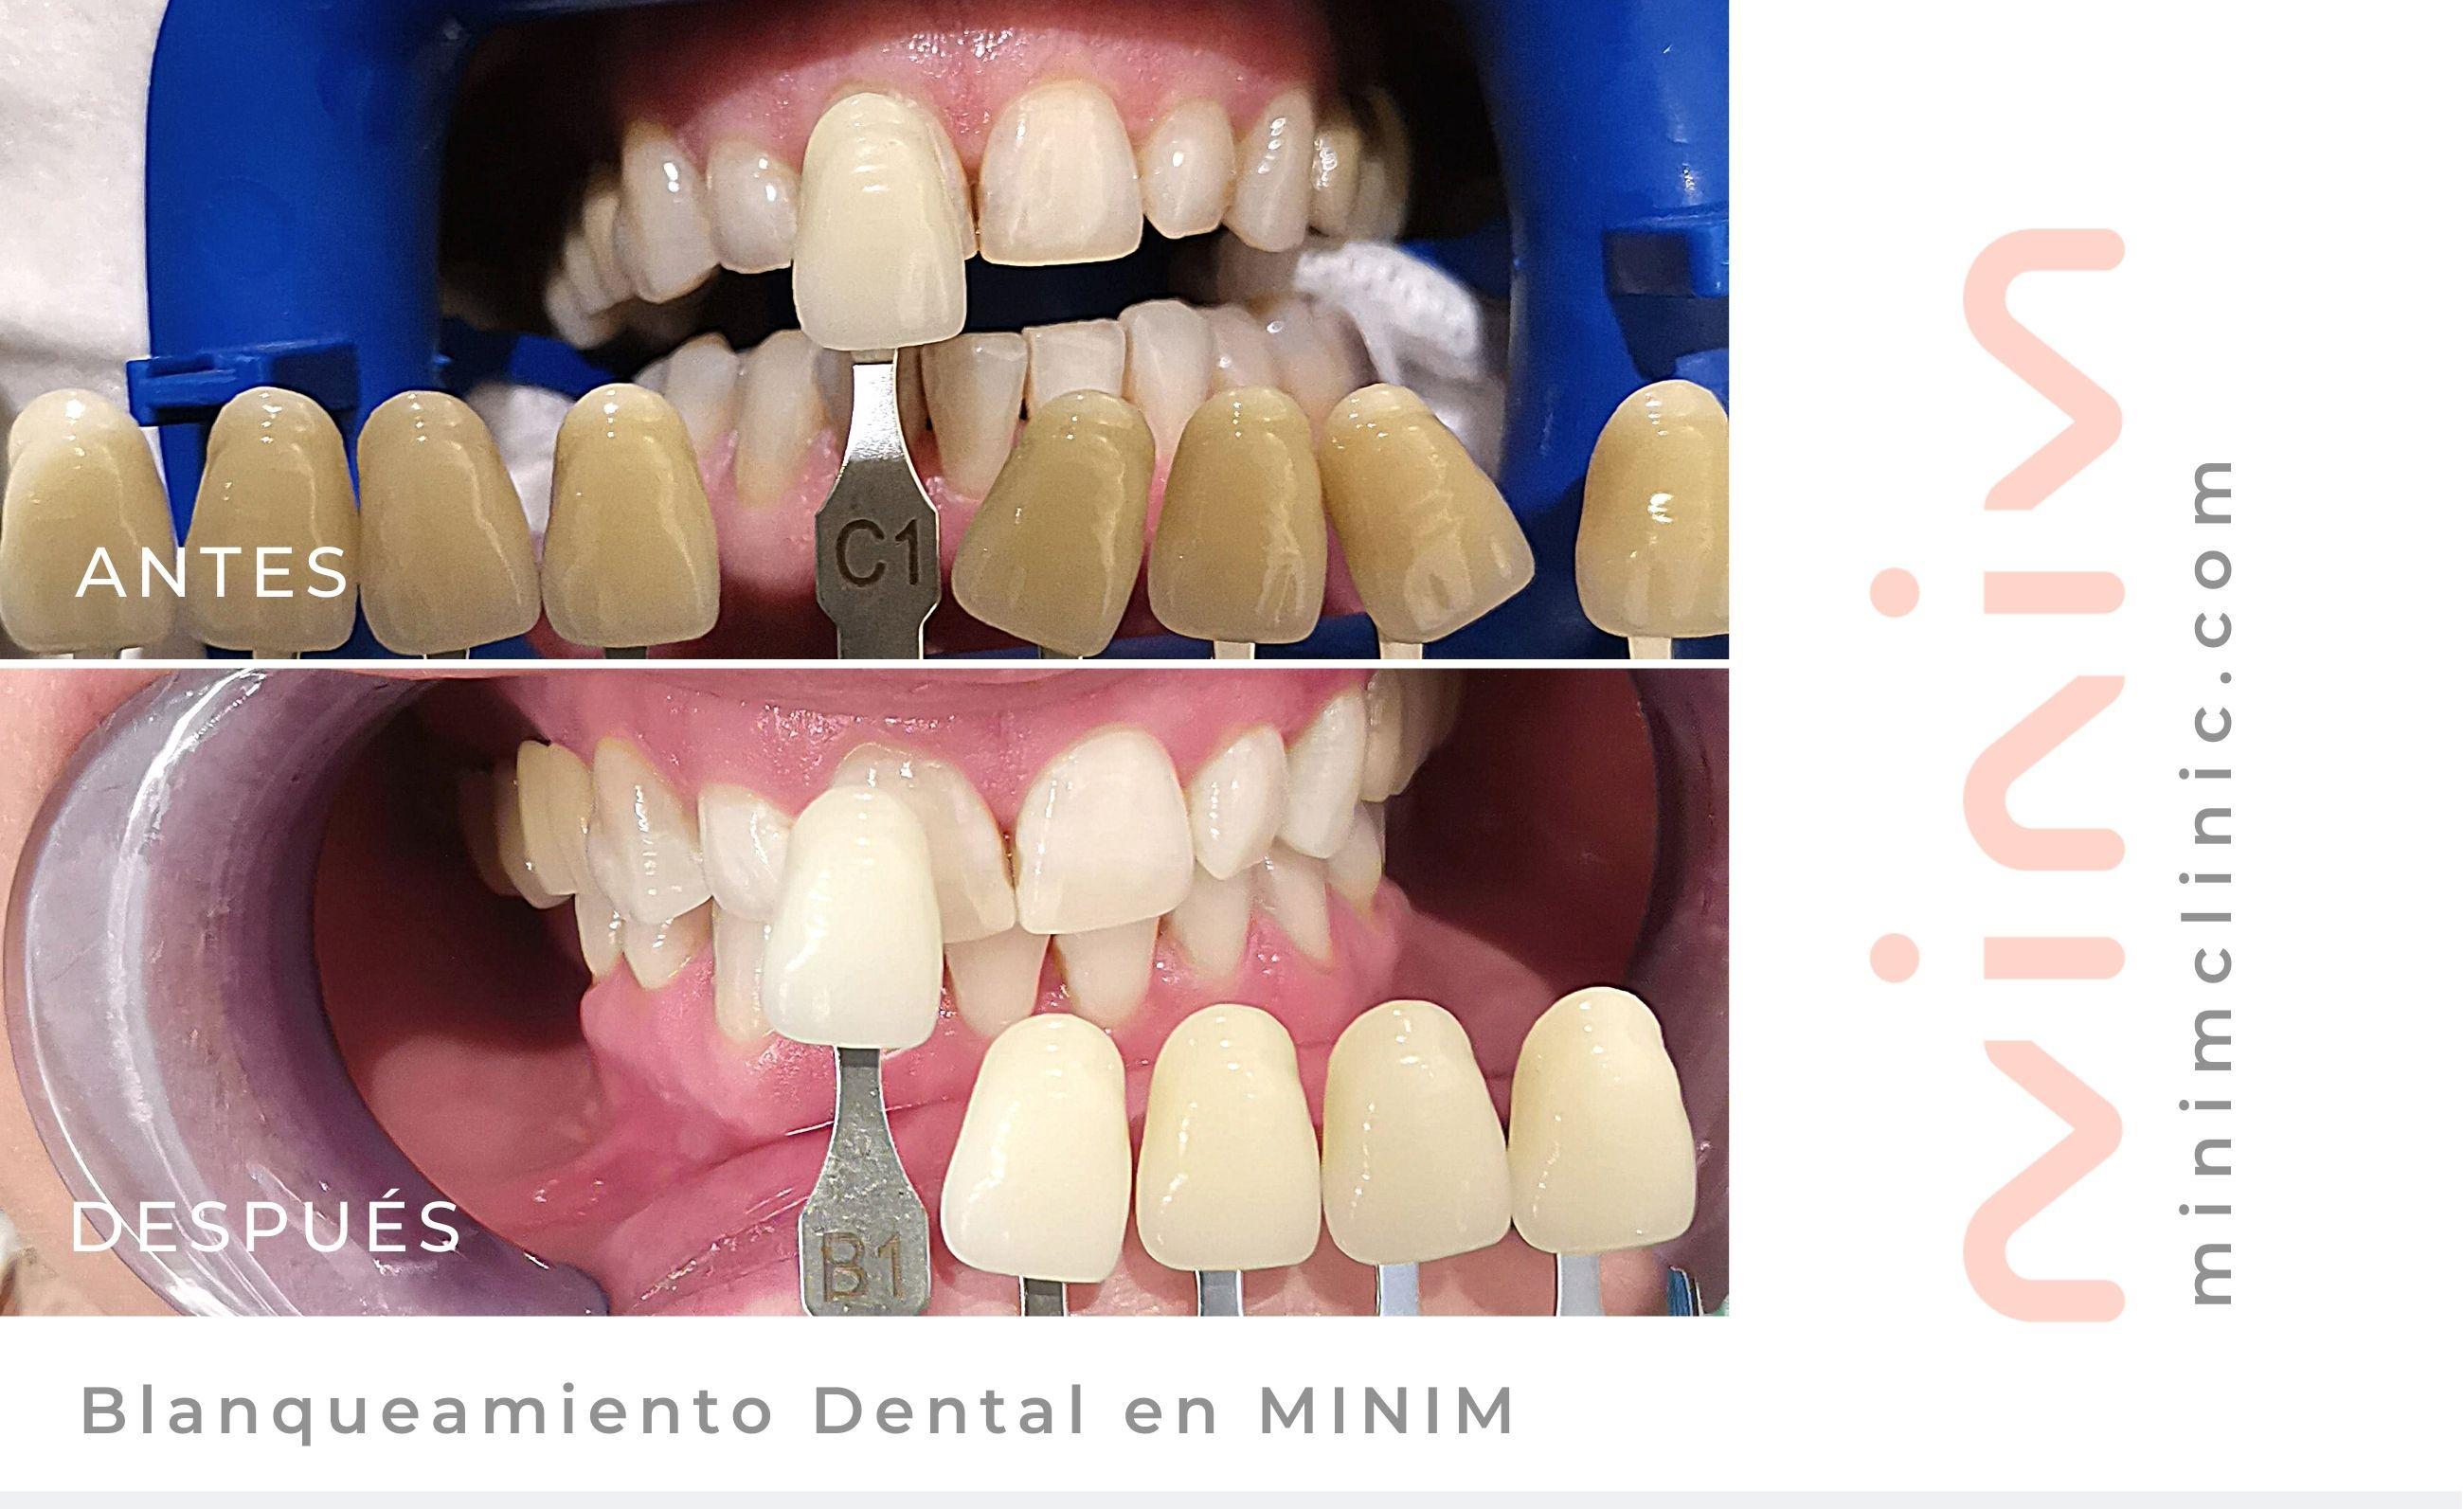 blanqueamiento dental rapido en minim barcelona